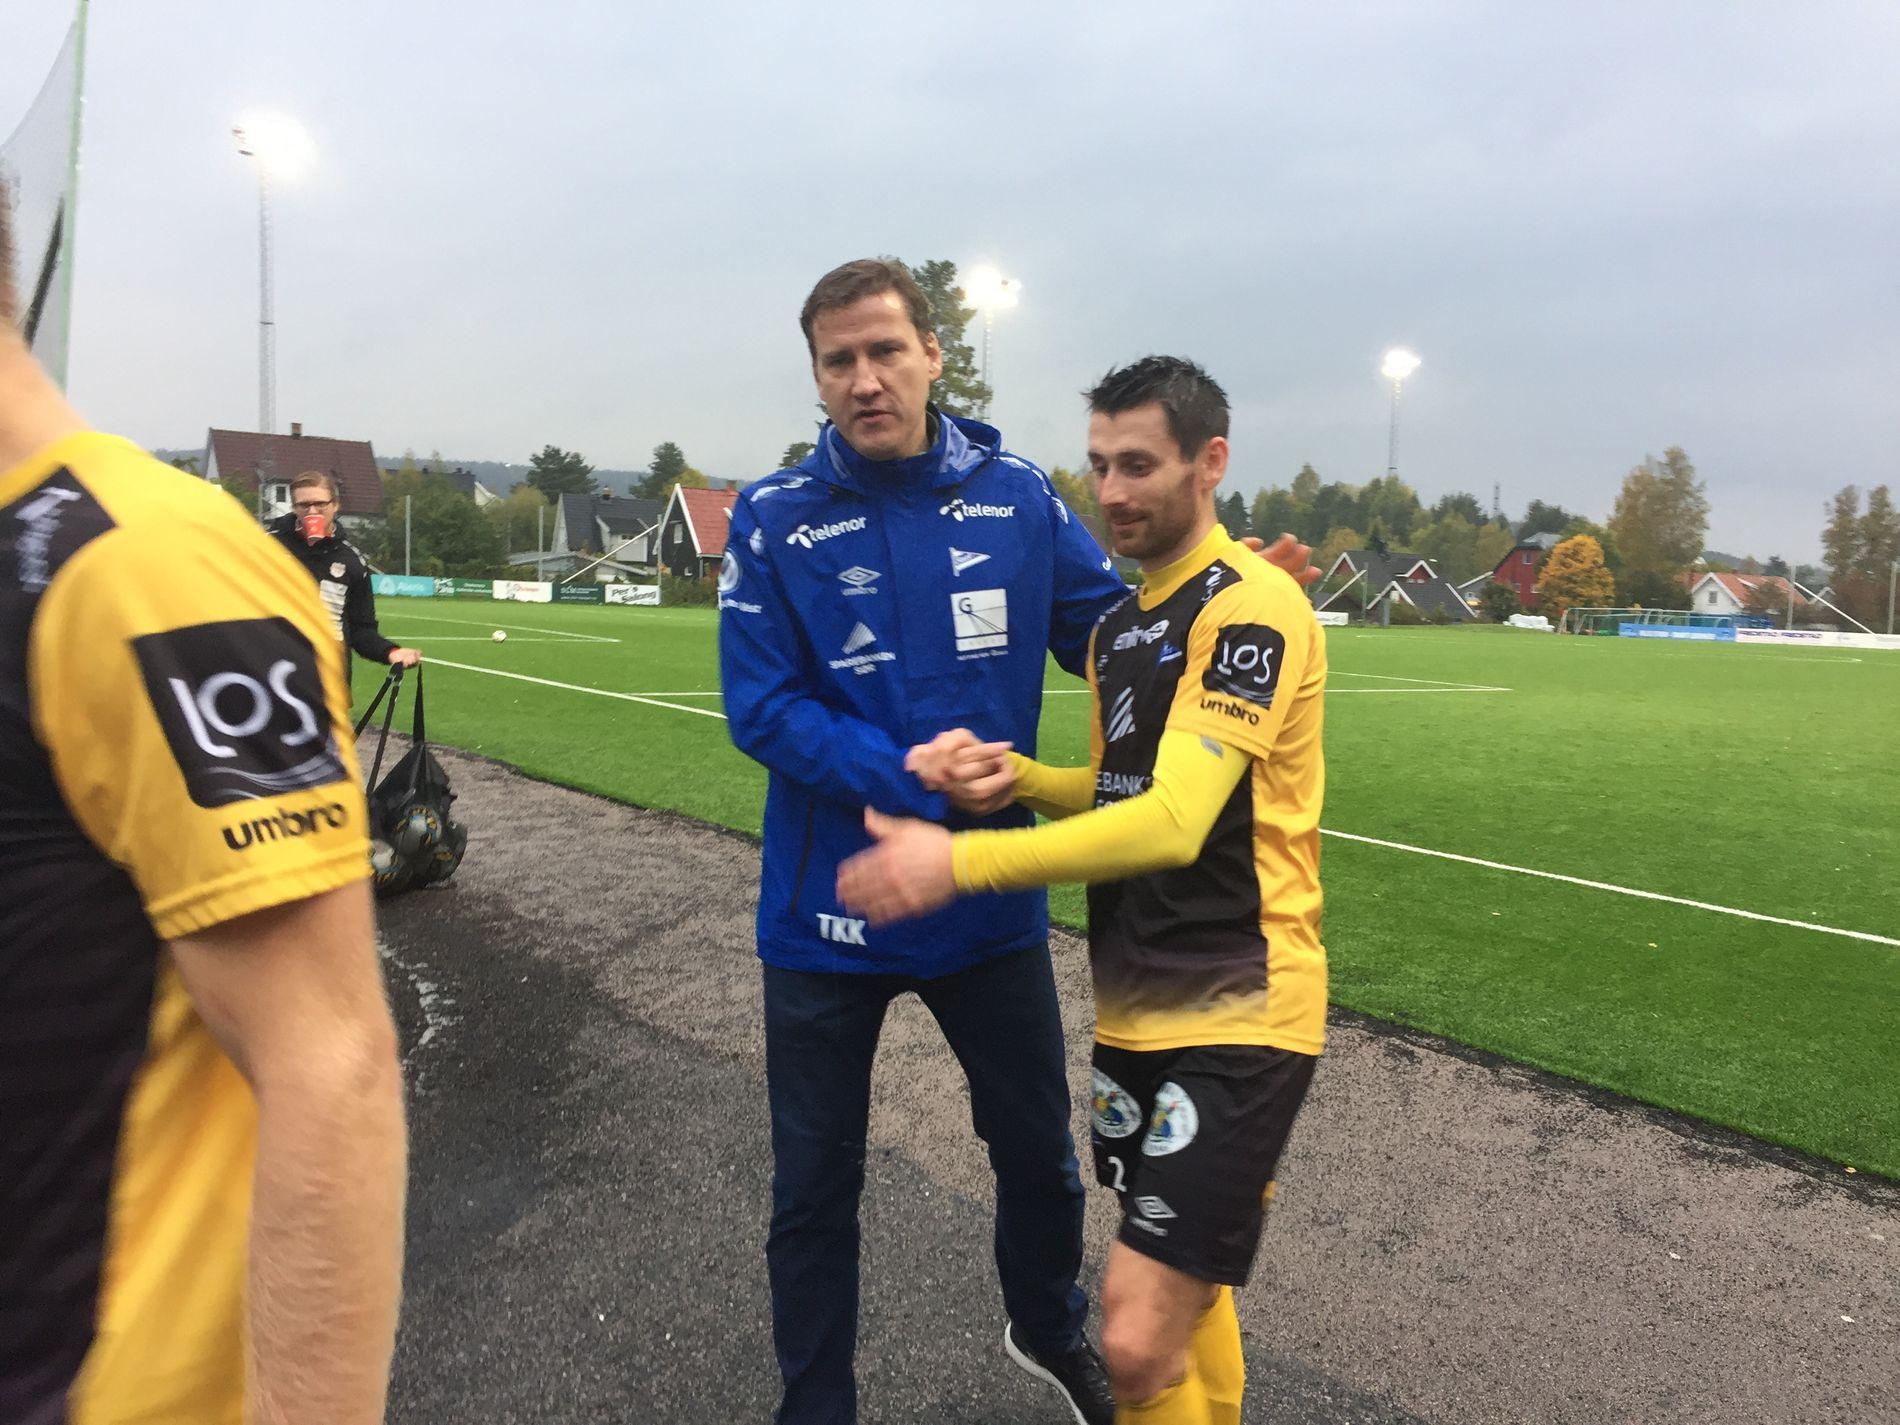 VIKTIG SEIER: Starts sportssjef Tor-Kristian Karlsen gratulerer Jens Kristian Skogmo med tre poeng mot Strømmen. Dermed ligger sørlendingene godt an til opprykk til Eliteserien.